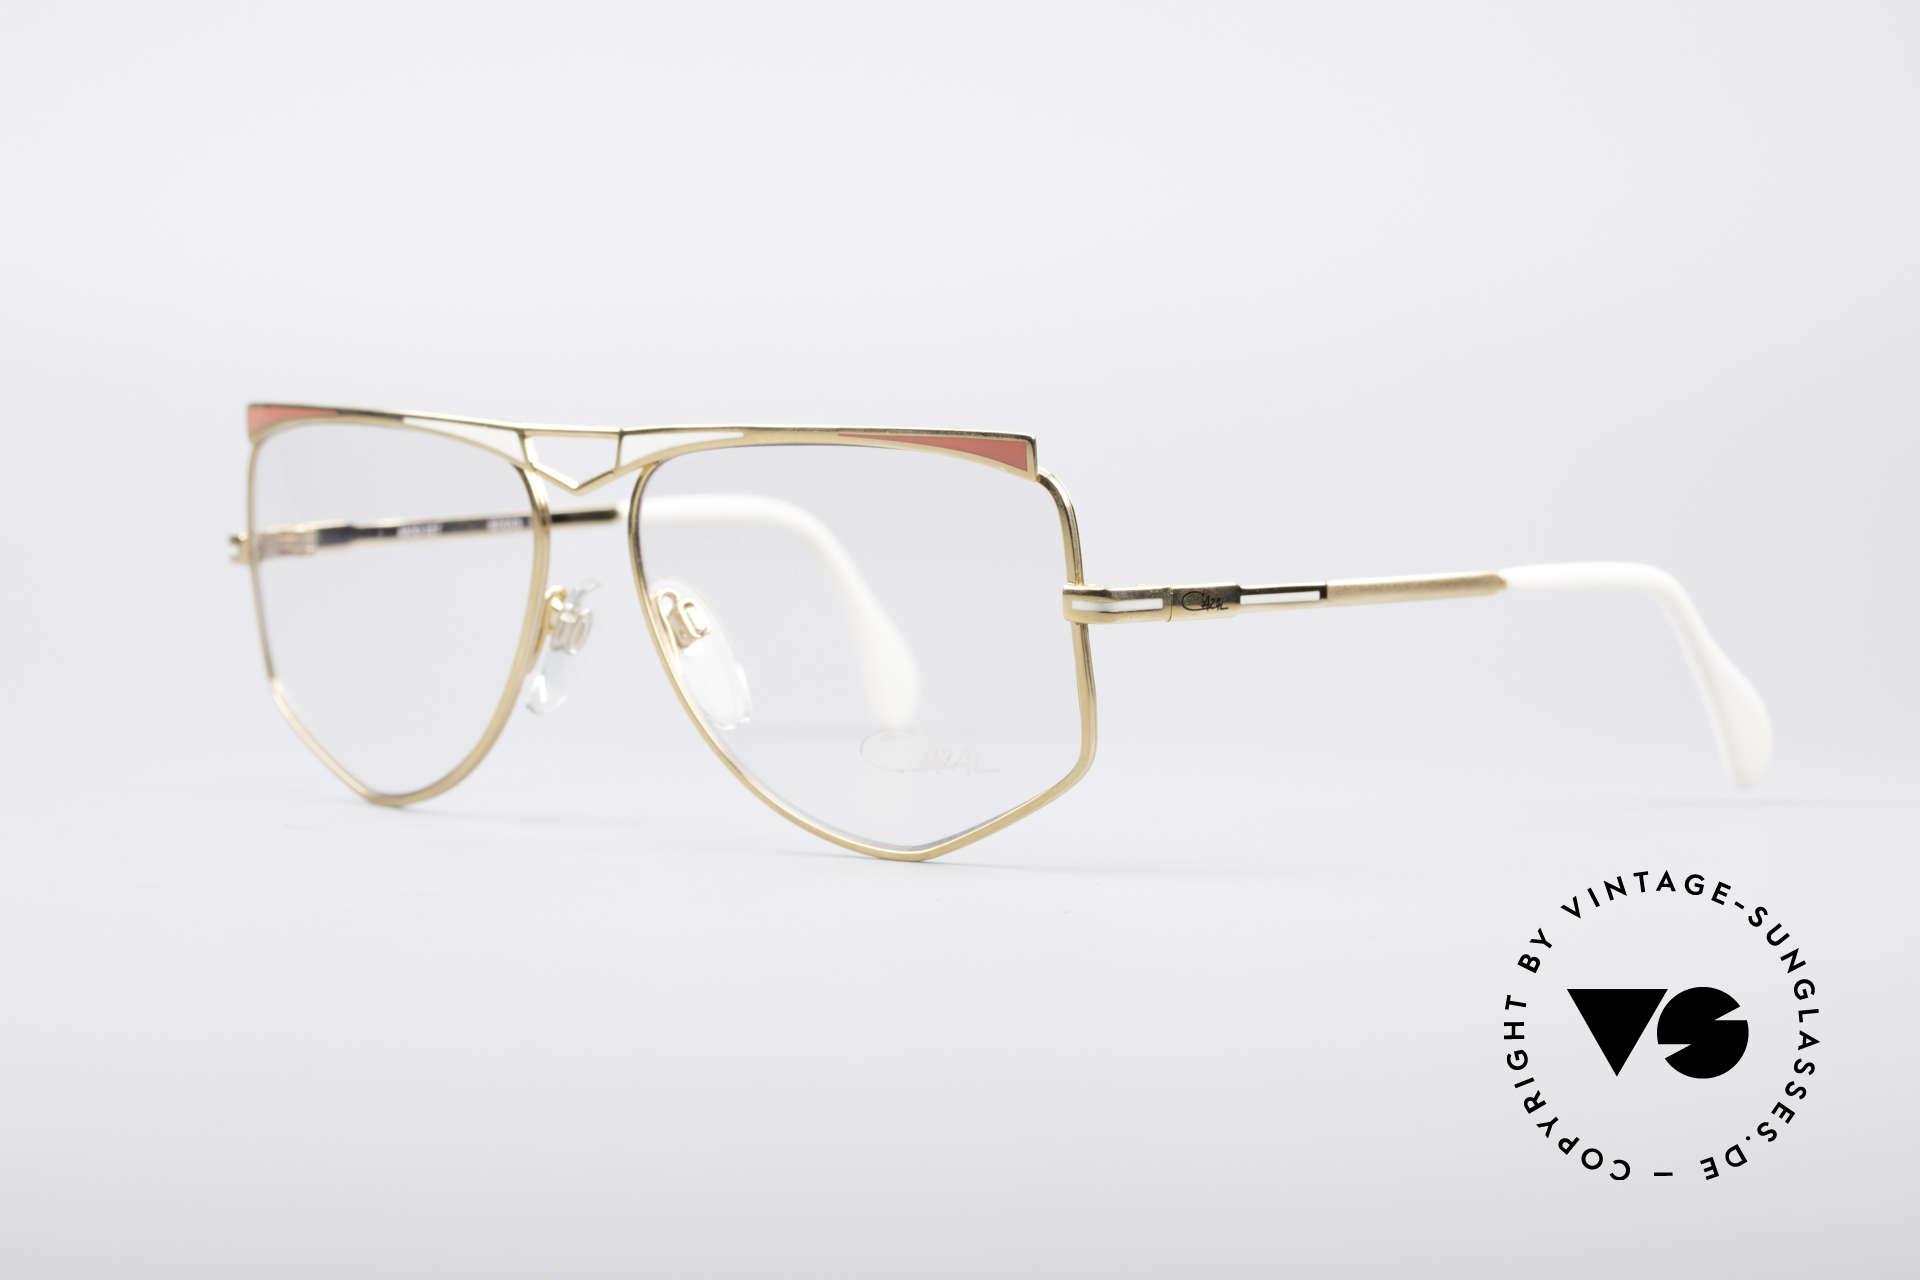 Cazal 227 True Vintage No Retro Frame, an old ORIGINAL from app. 1987 (NO RETRO eyeglasses), Made for Women